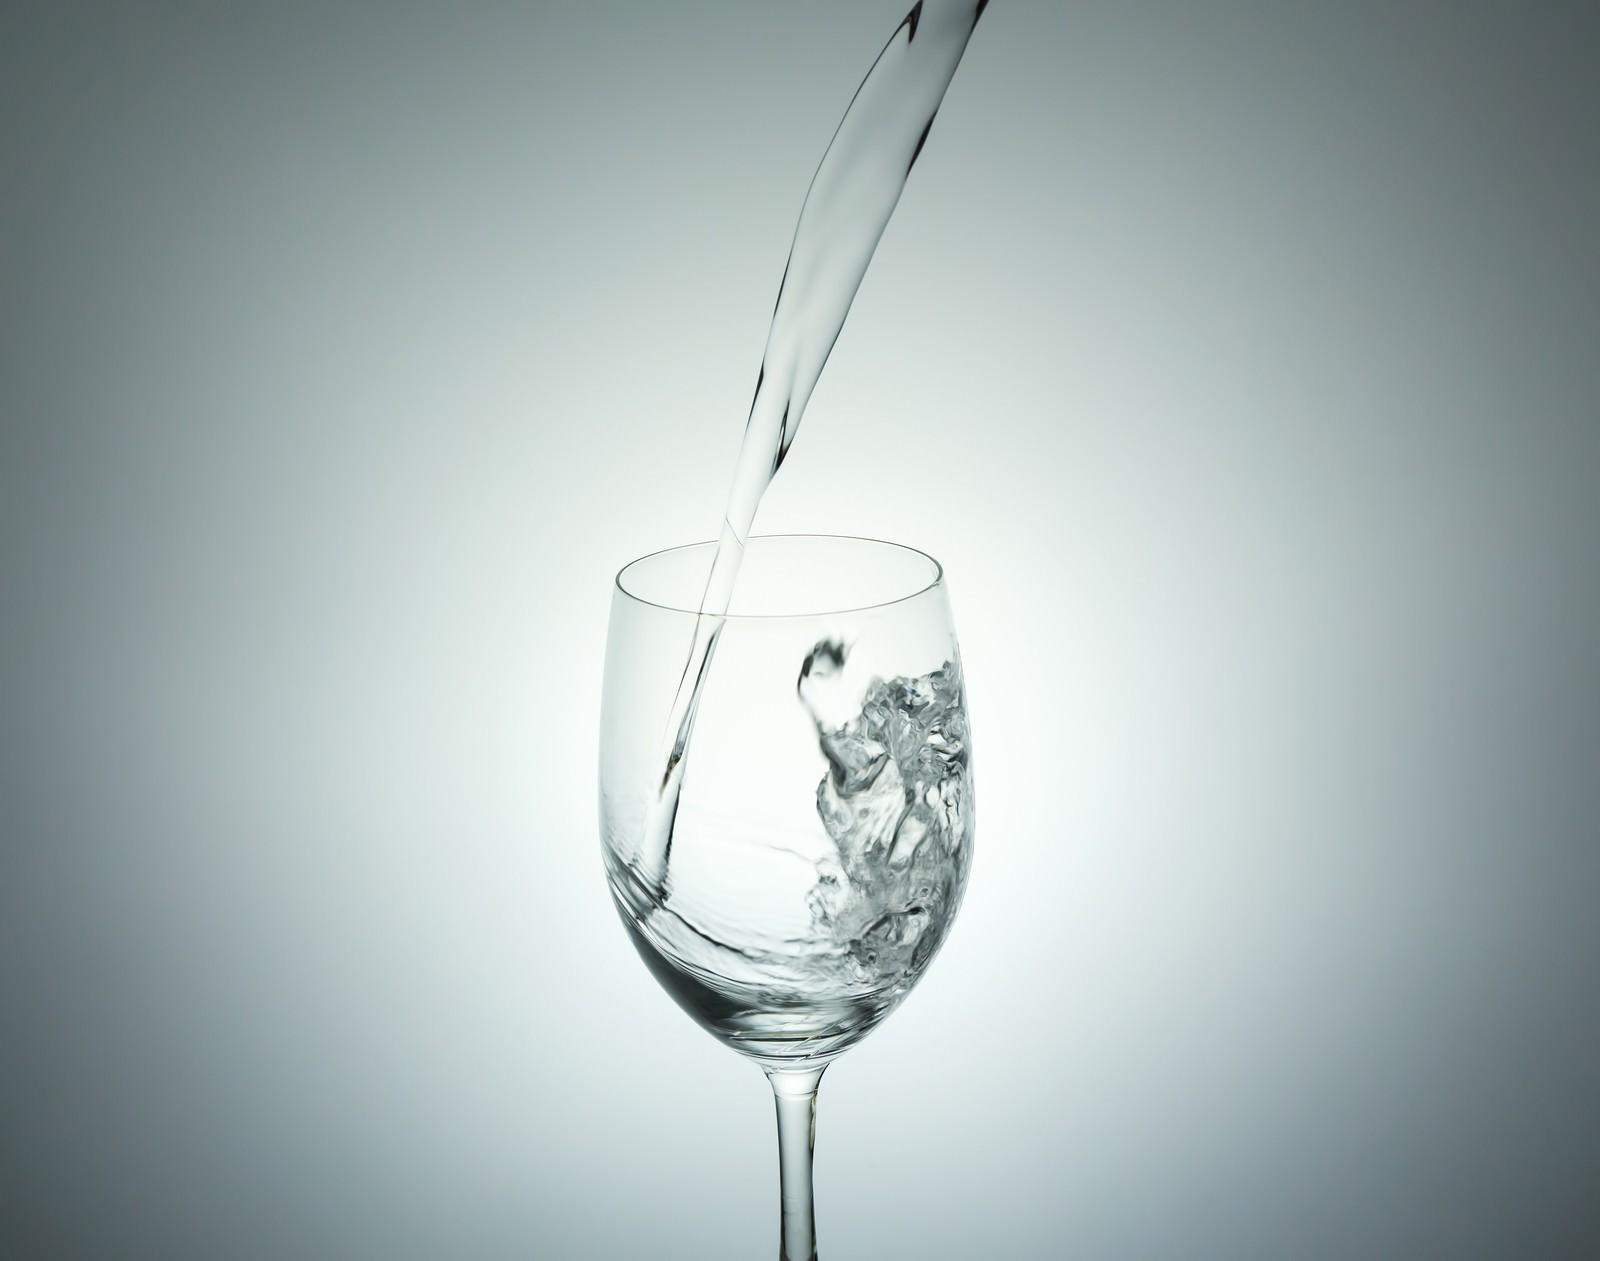 「ミネラルウォーターをグラスに注ぐ」の写真